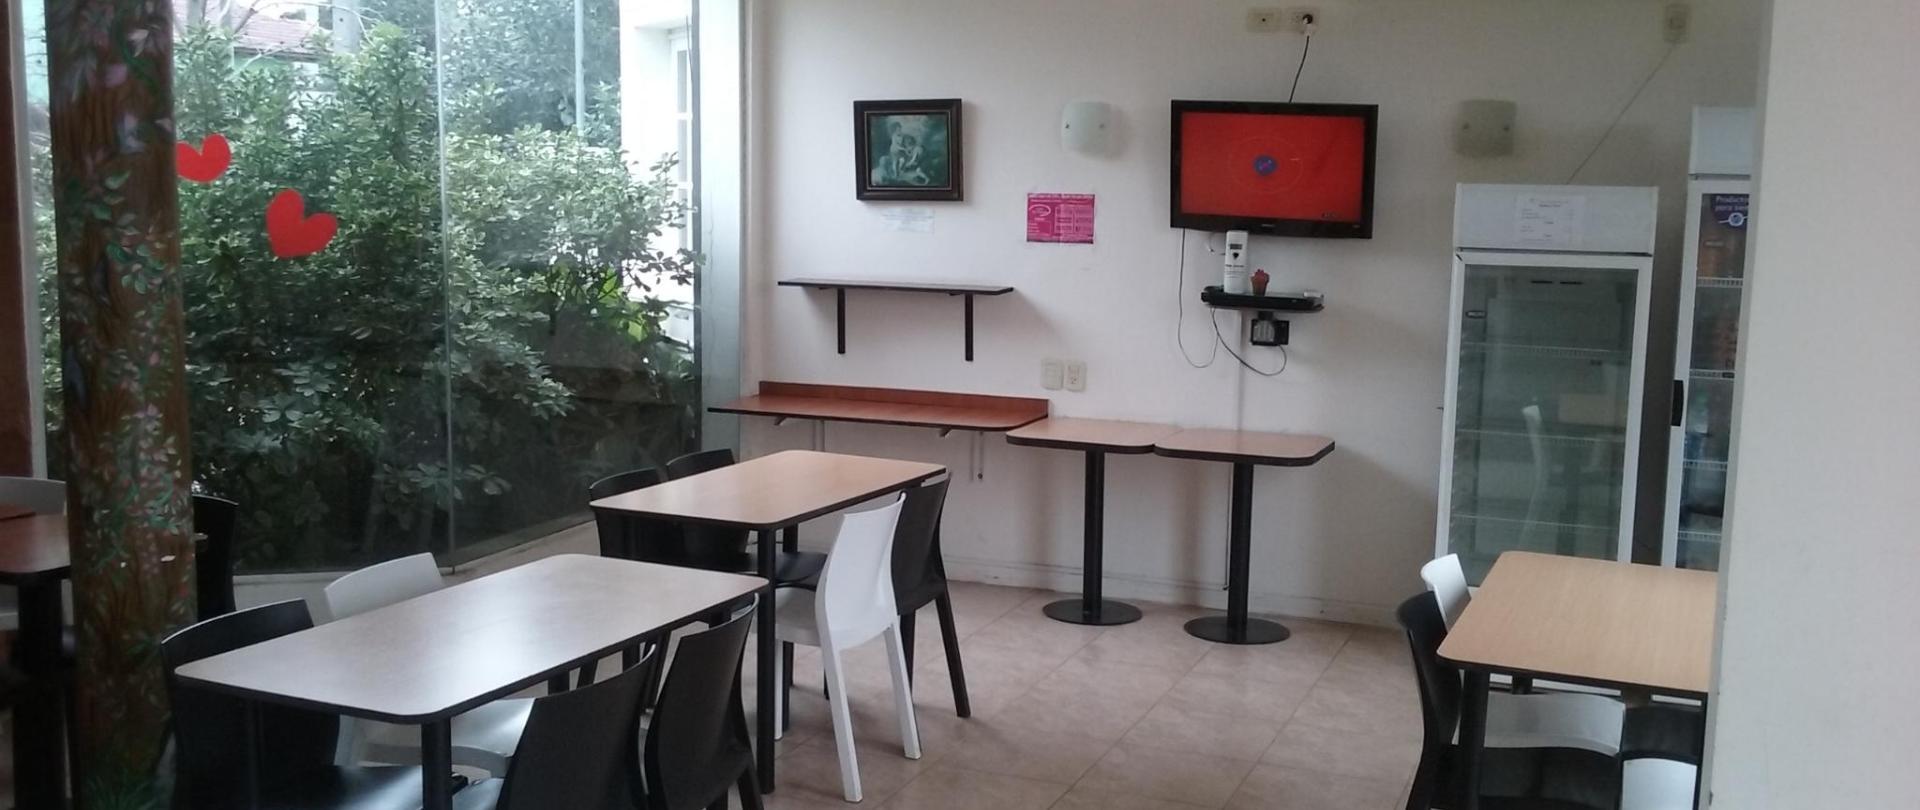 Salon 3 Hotel Queguay.jpg